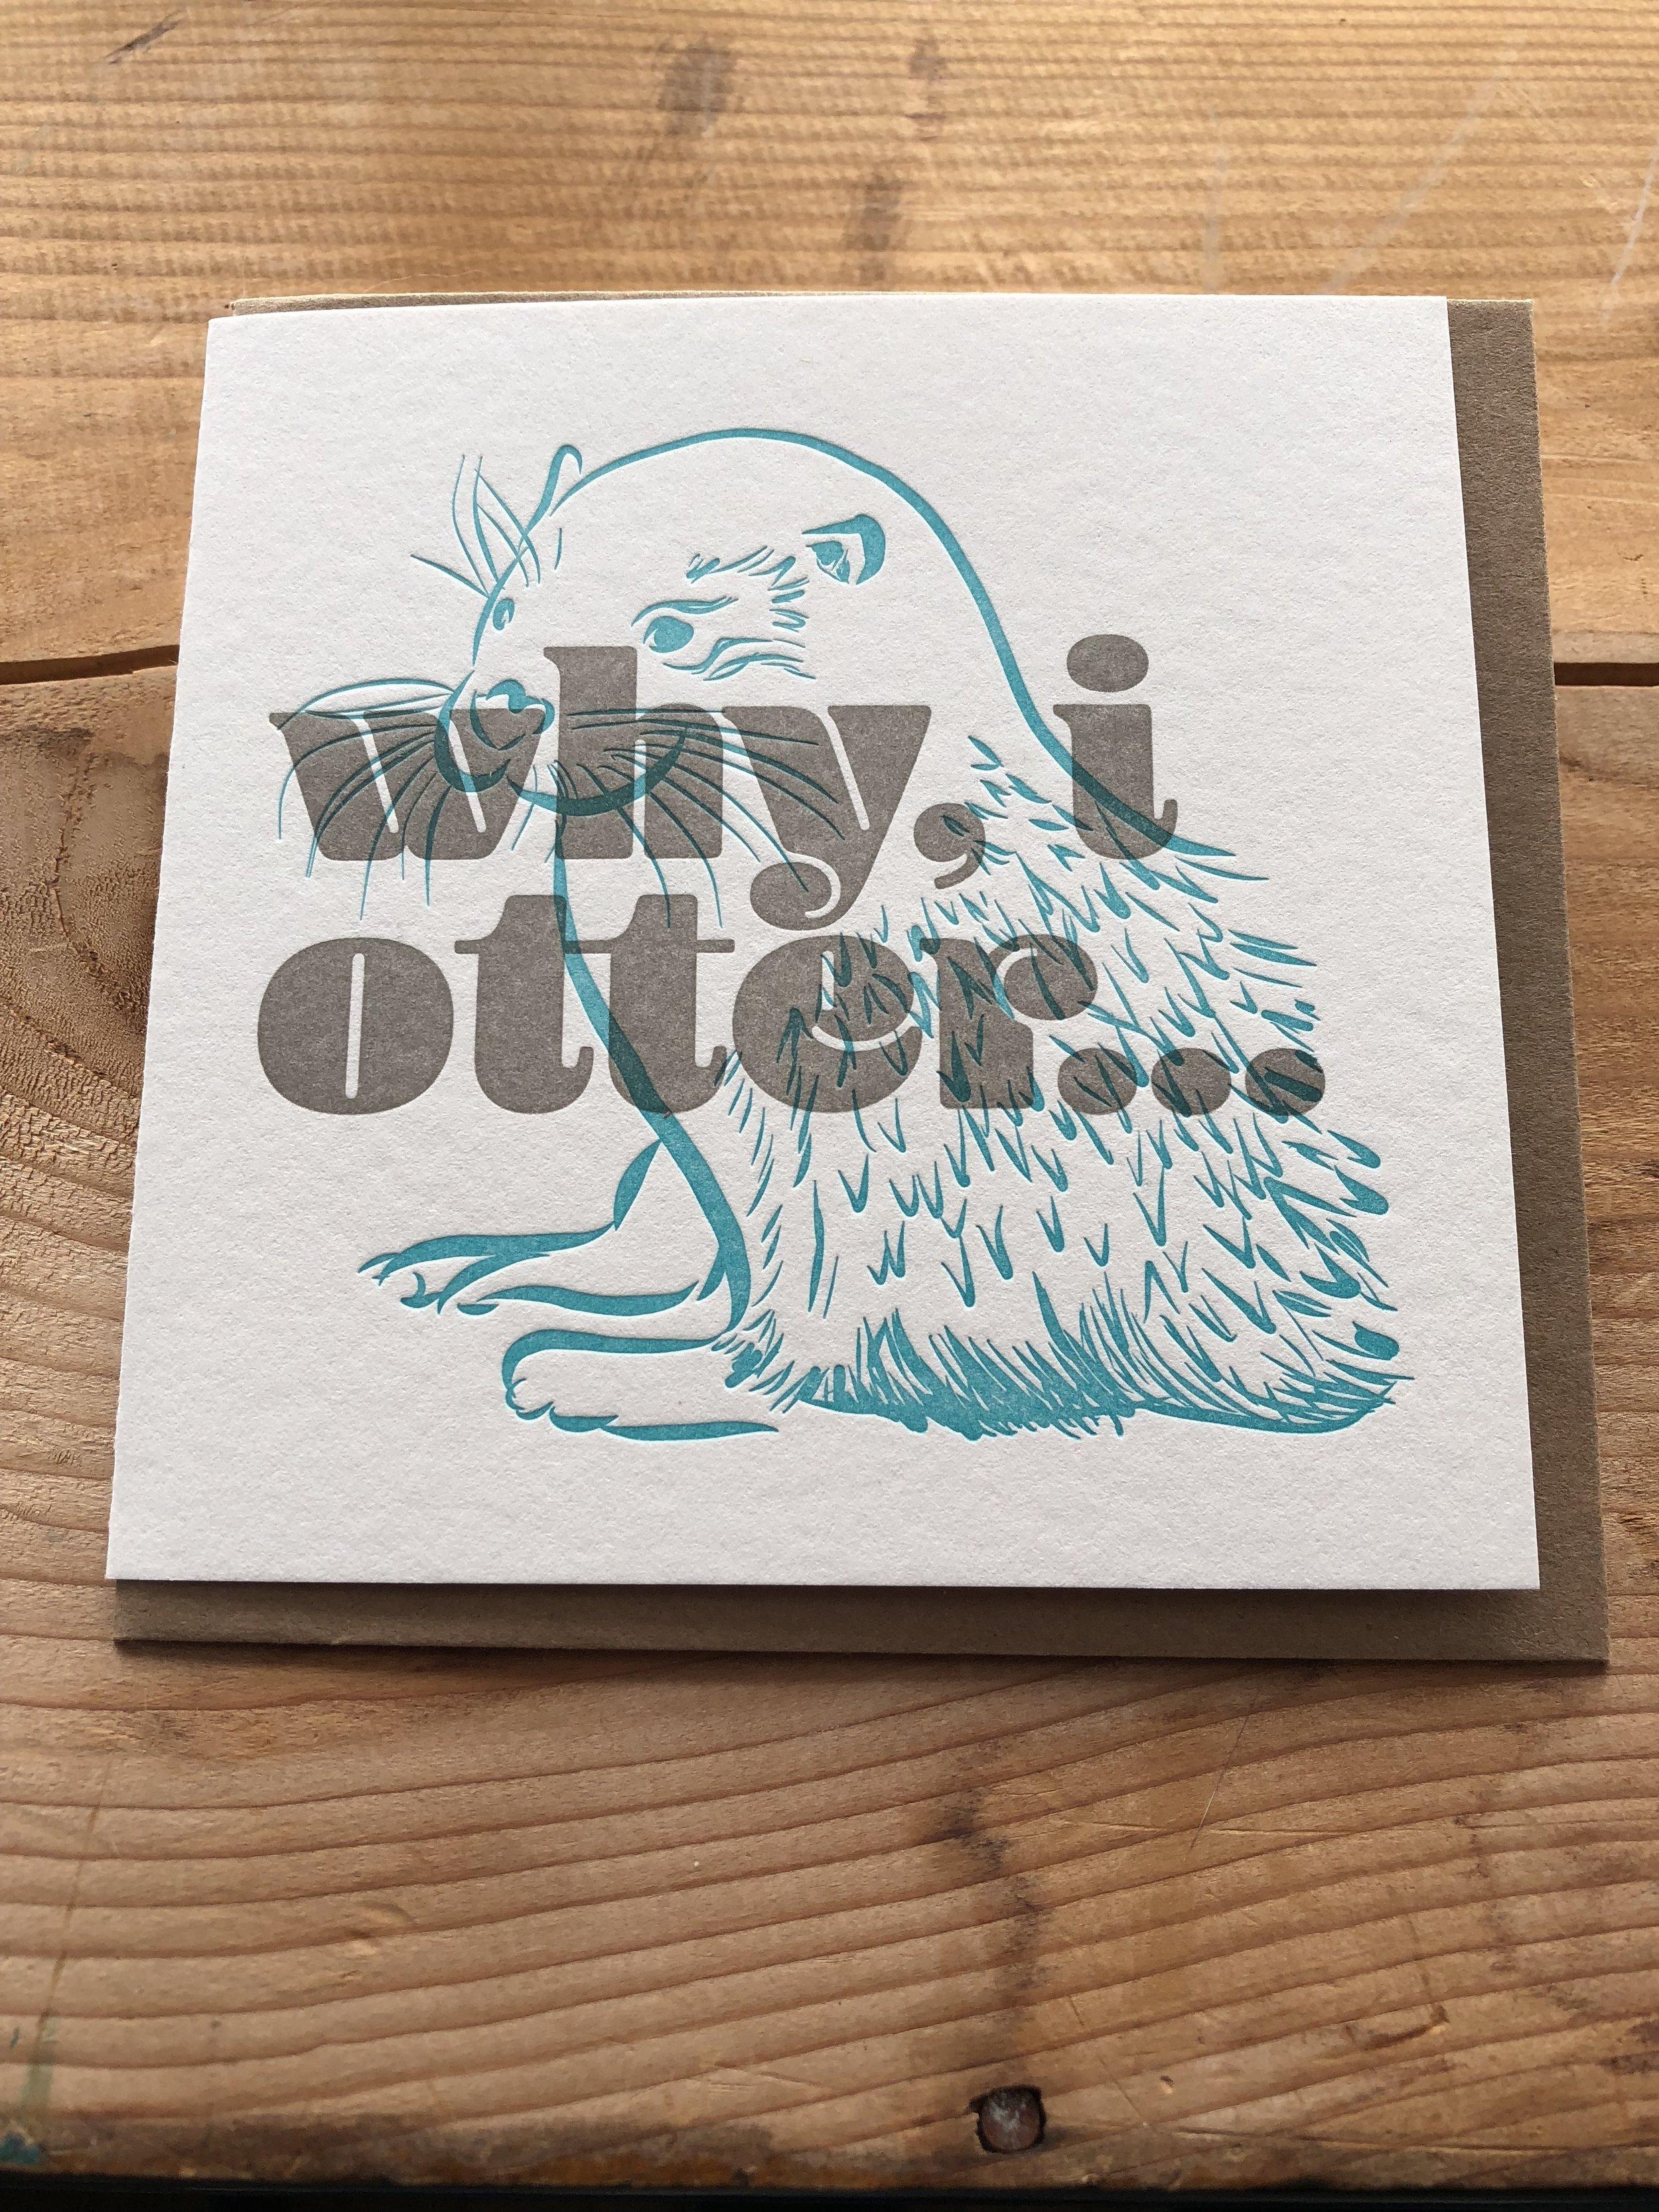 Why I otter...